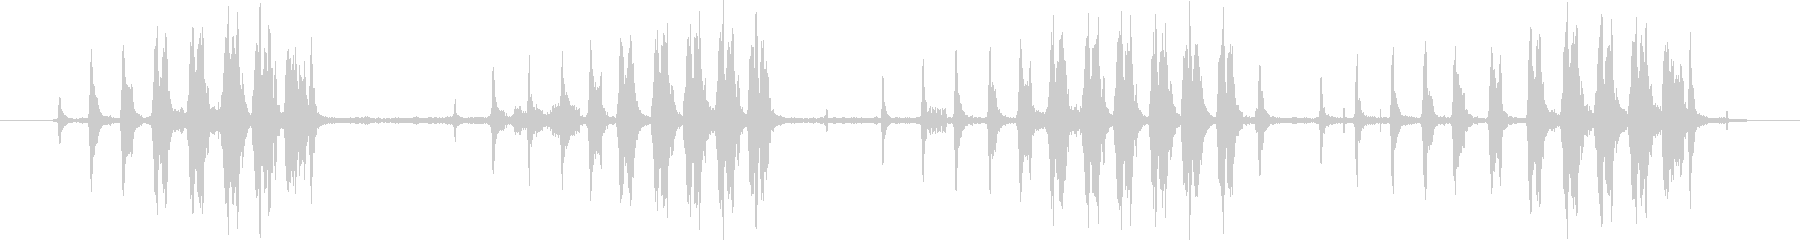 ブライトランテッドアッティラ:呼び...の未再生の波形